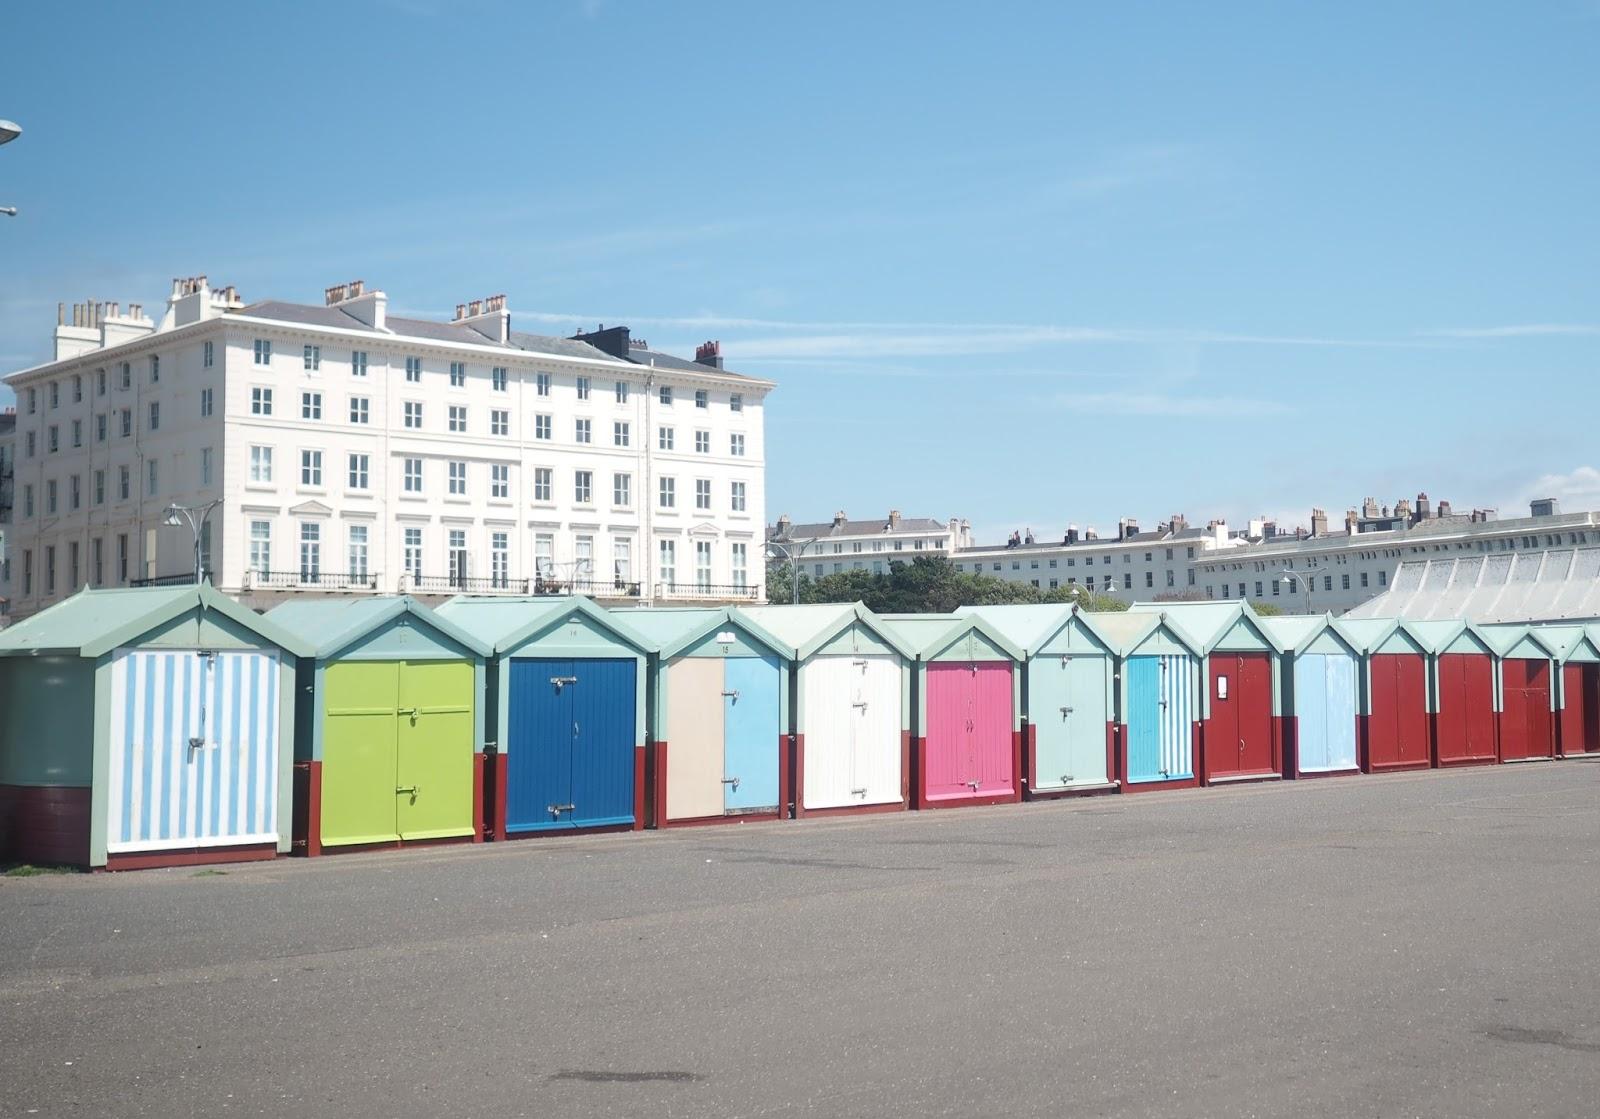 Hove Beach Huts, Brighton